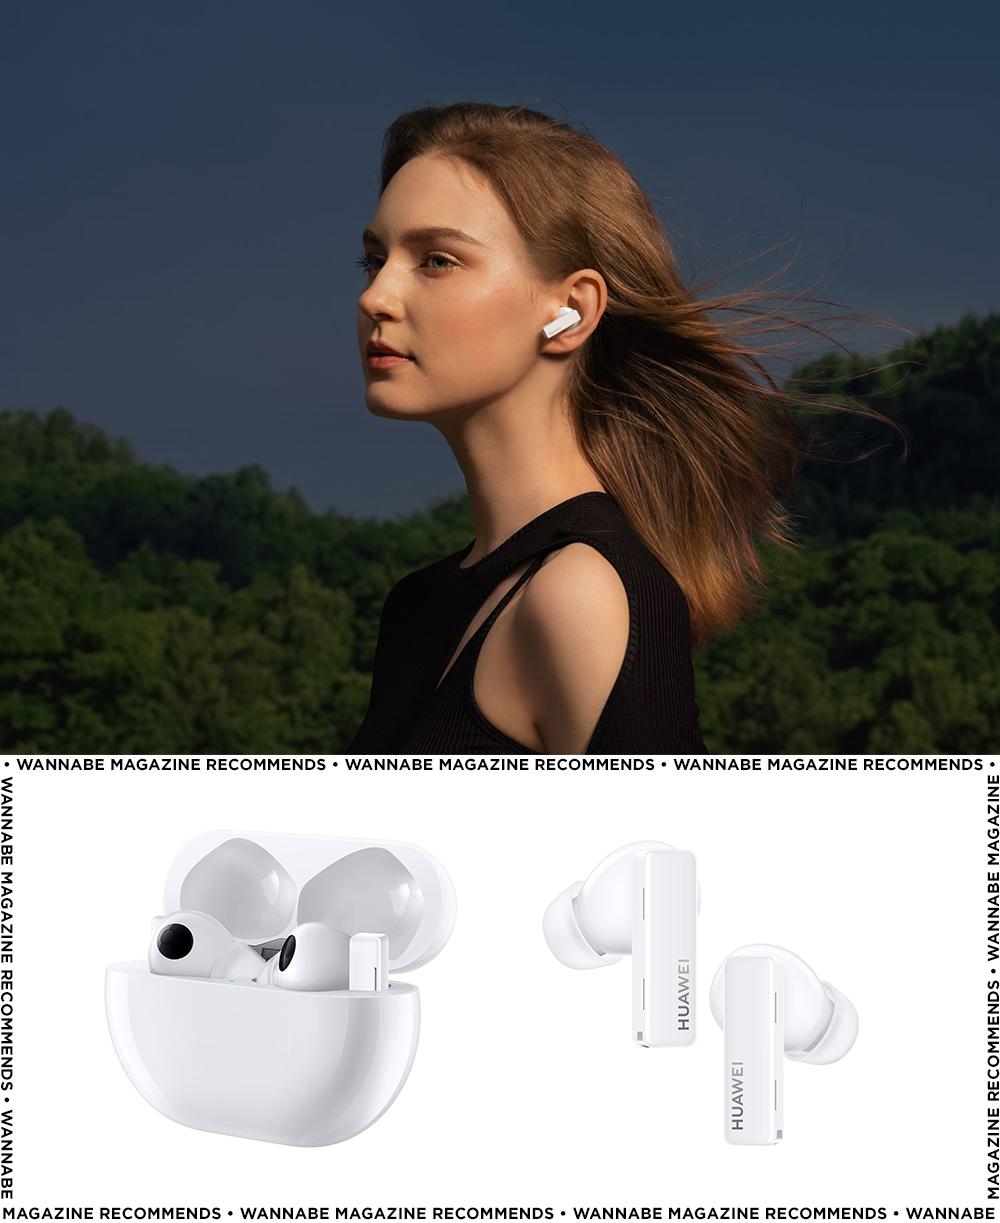 HUAWEI 1 Više od slušalica: Huawei FreeBuds Pro postaće tvoj omiljeni aksesoar za svaki dan